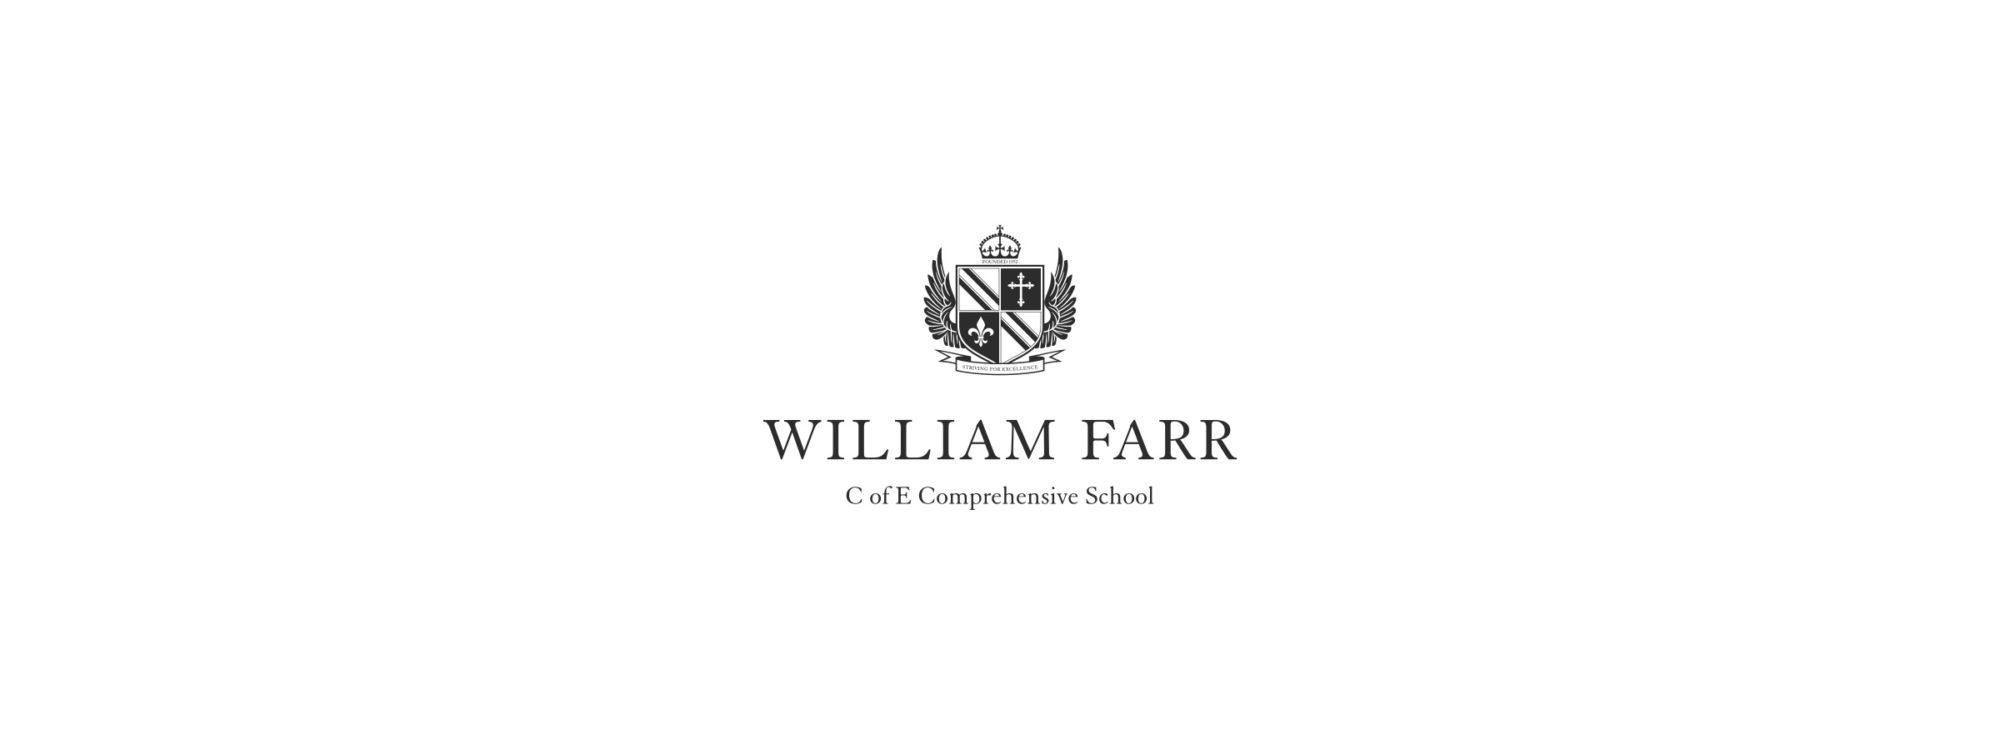 Fuse Design Ltd - Fuse-Design_Logo-Design-Nottingham-WilliamFarr